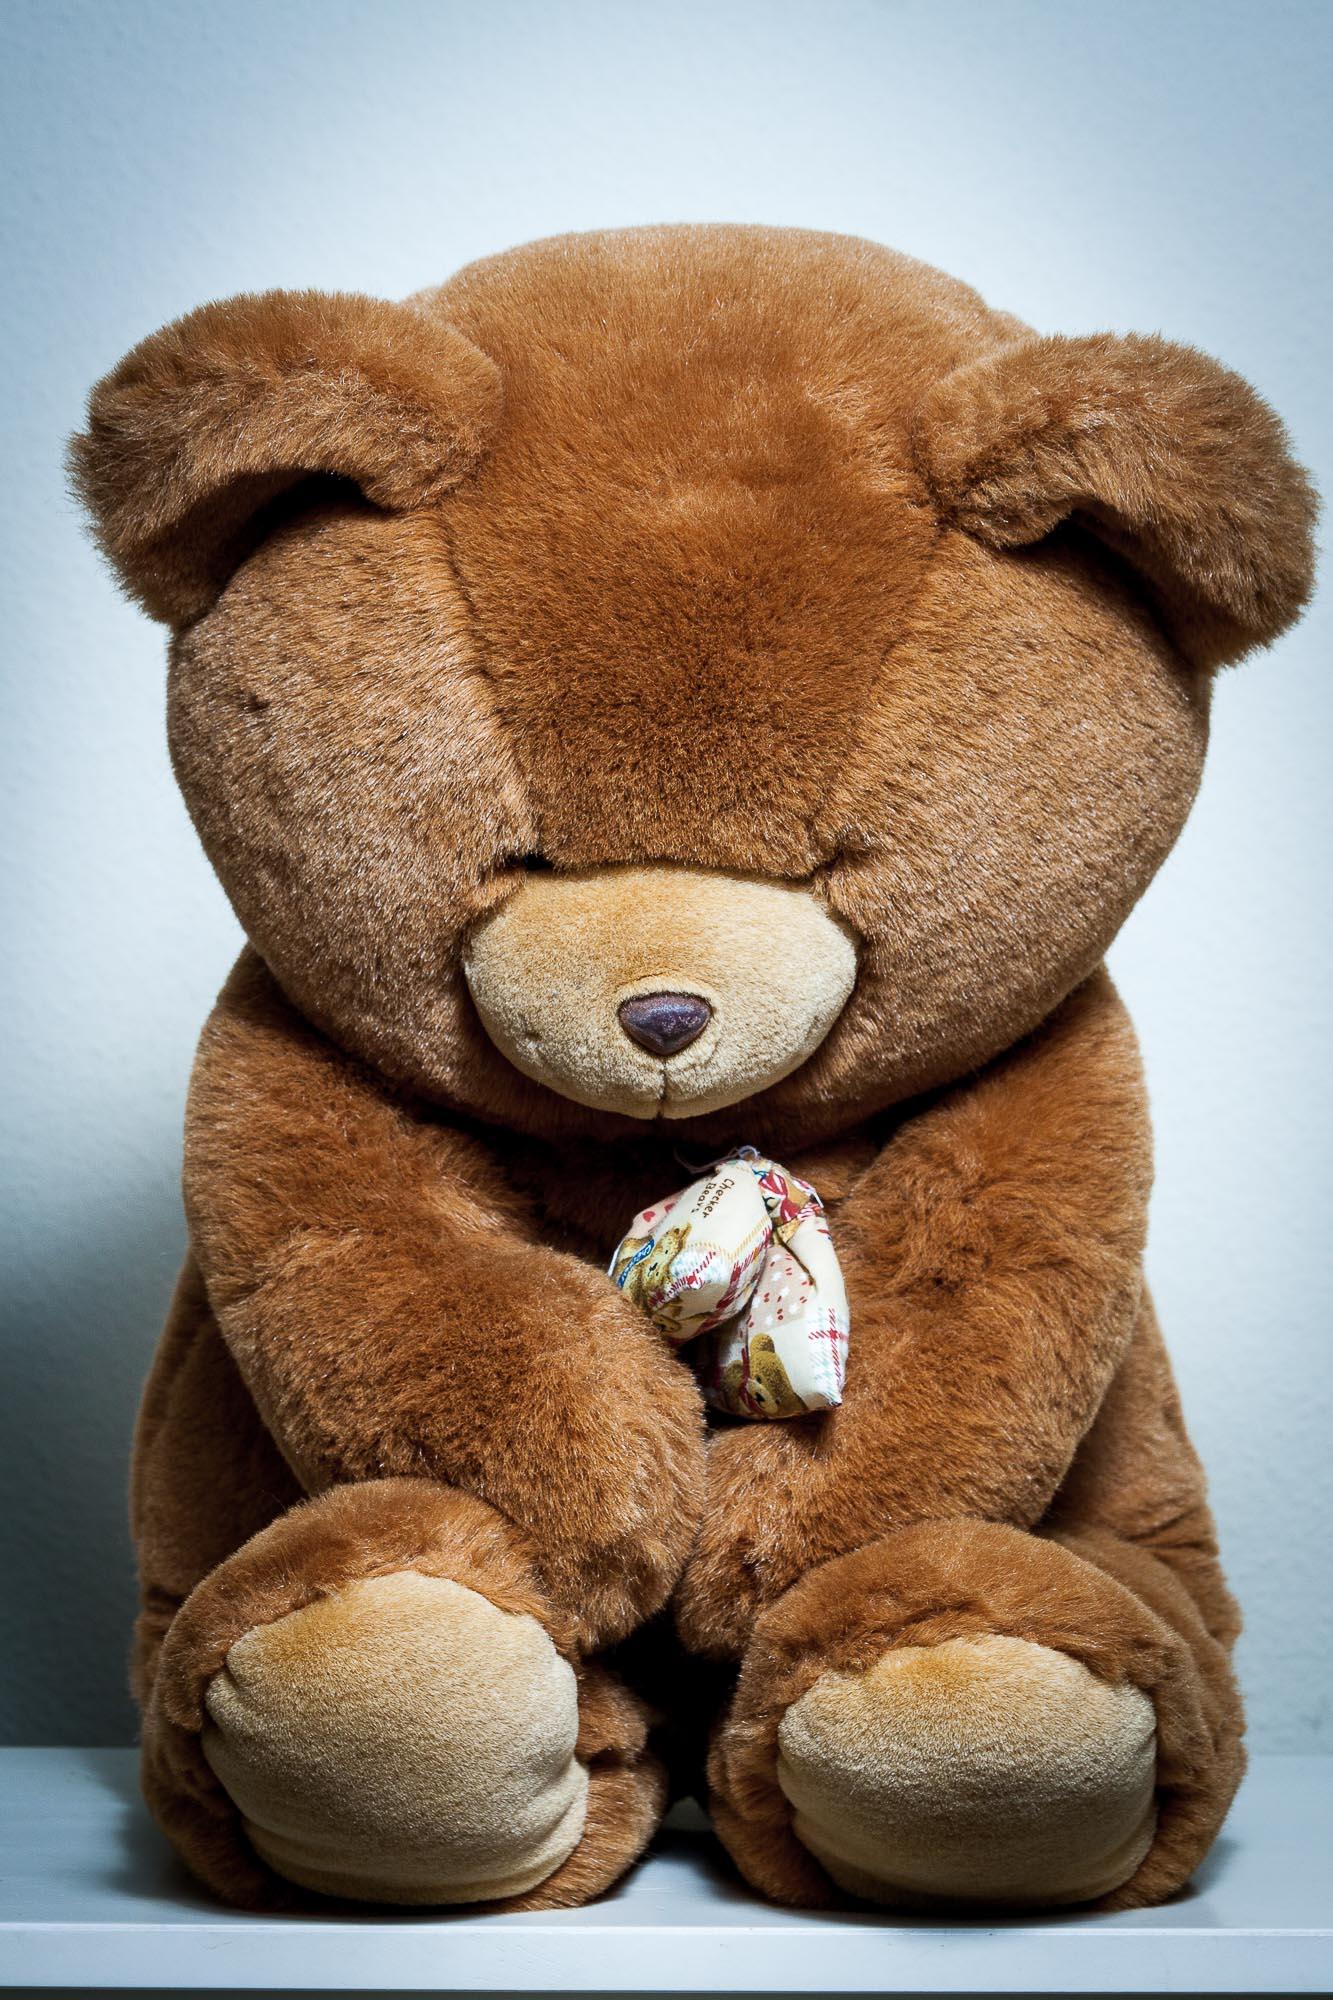 dabu / Lonely Teddy